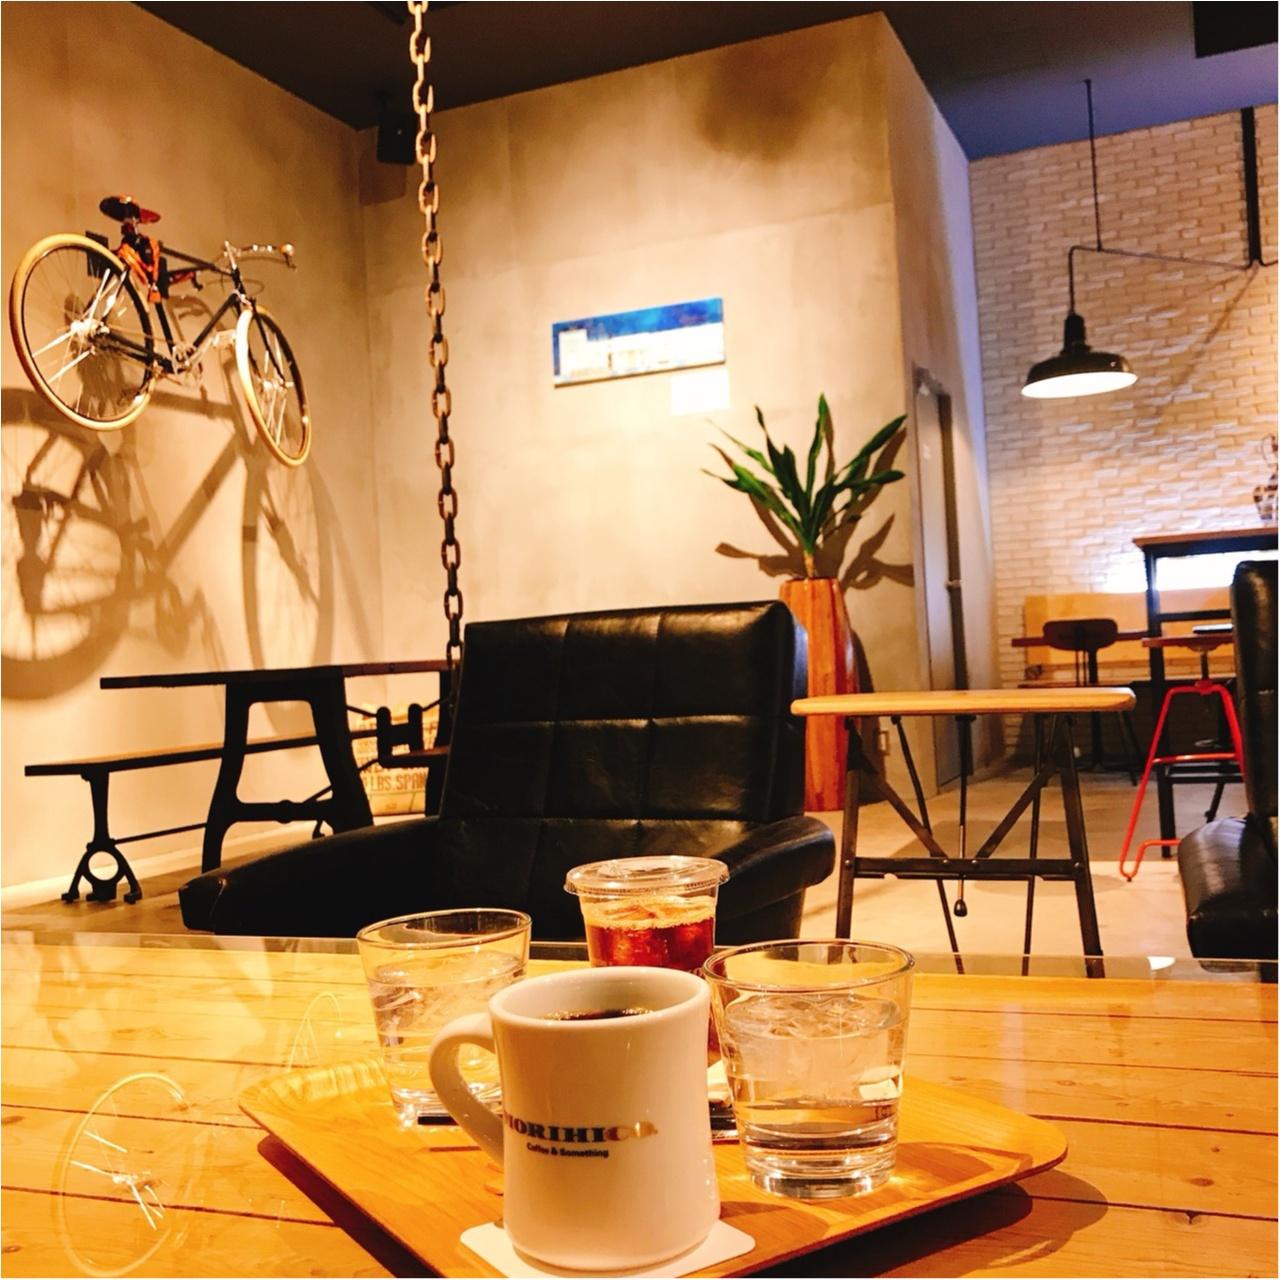 北国だからこそ味わえる♡北海道のコーヒーといえば【MORIHICO Coffe】でこだわりの一杯を♡_4